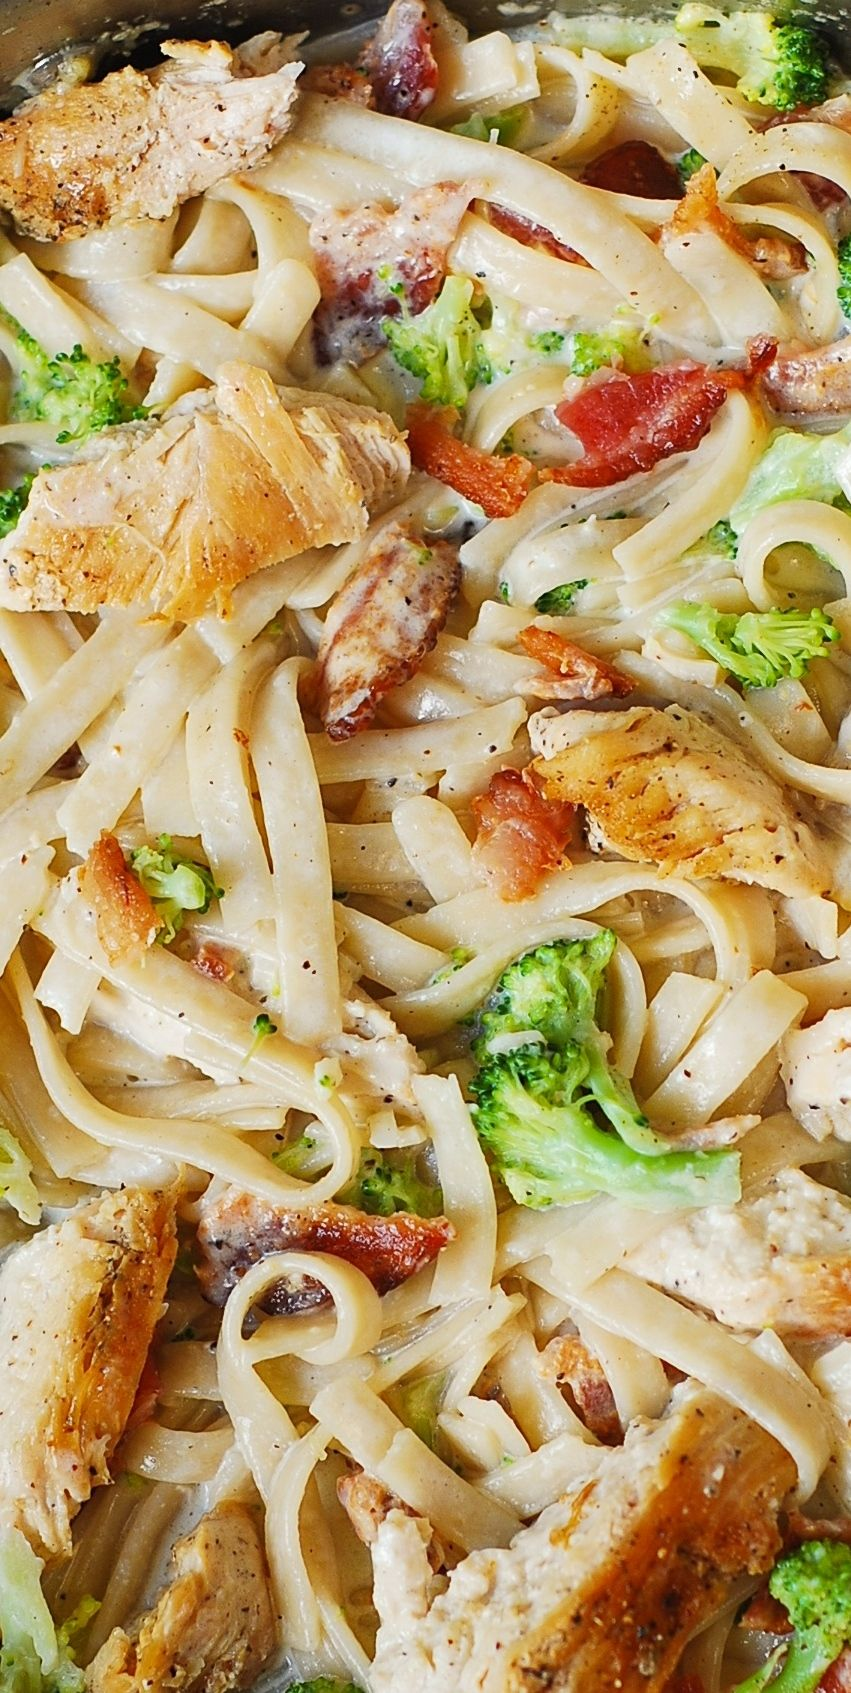 Creamy Broccoli, Chicken Breast, And Bacon Fettuccine -2118